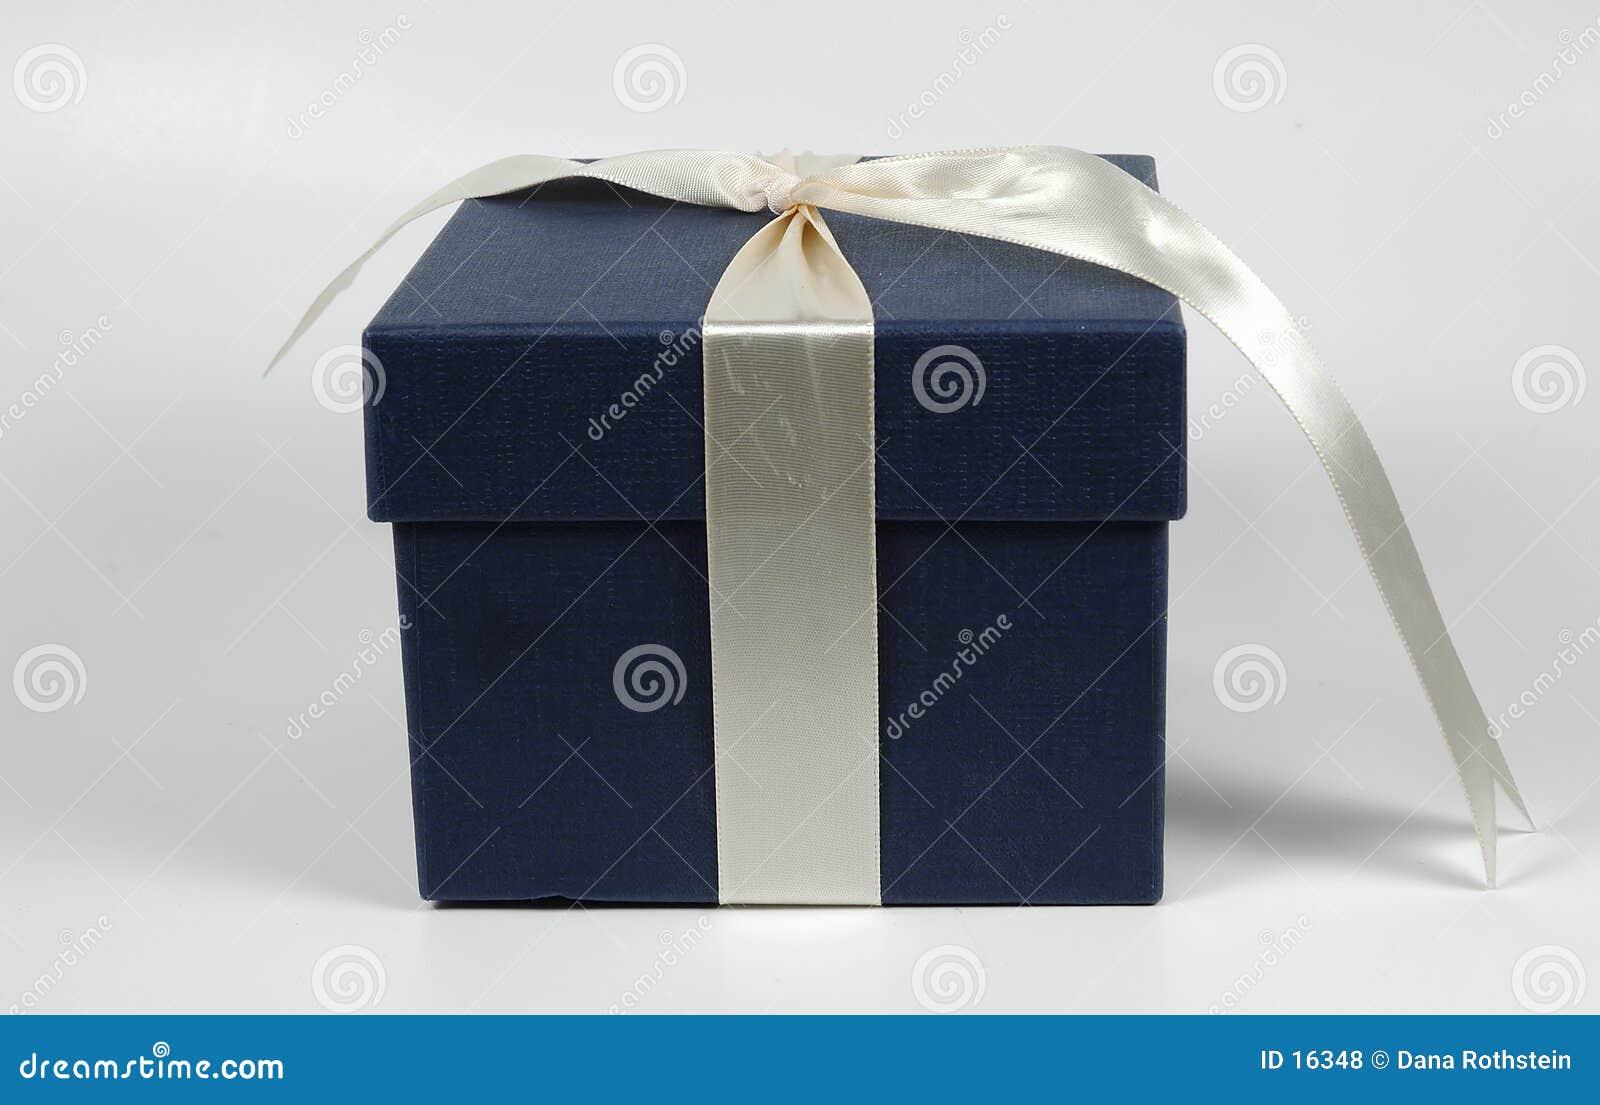 Sarja de Nimes Giftbox